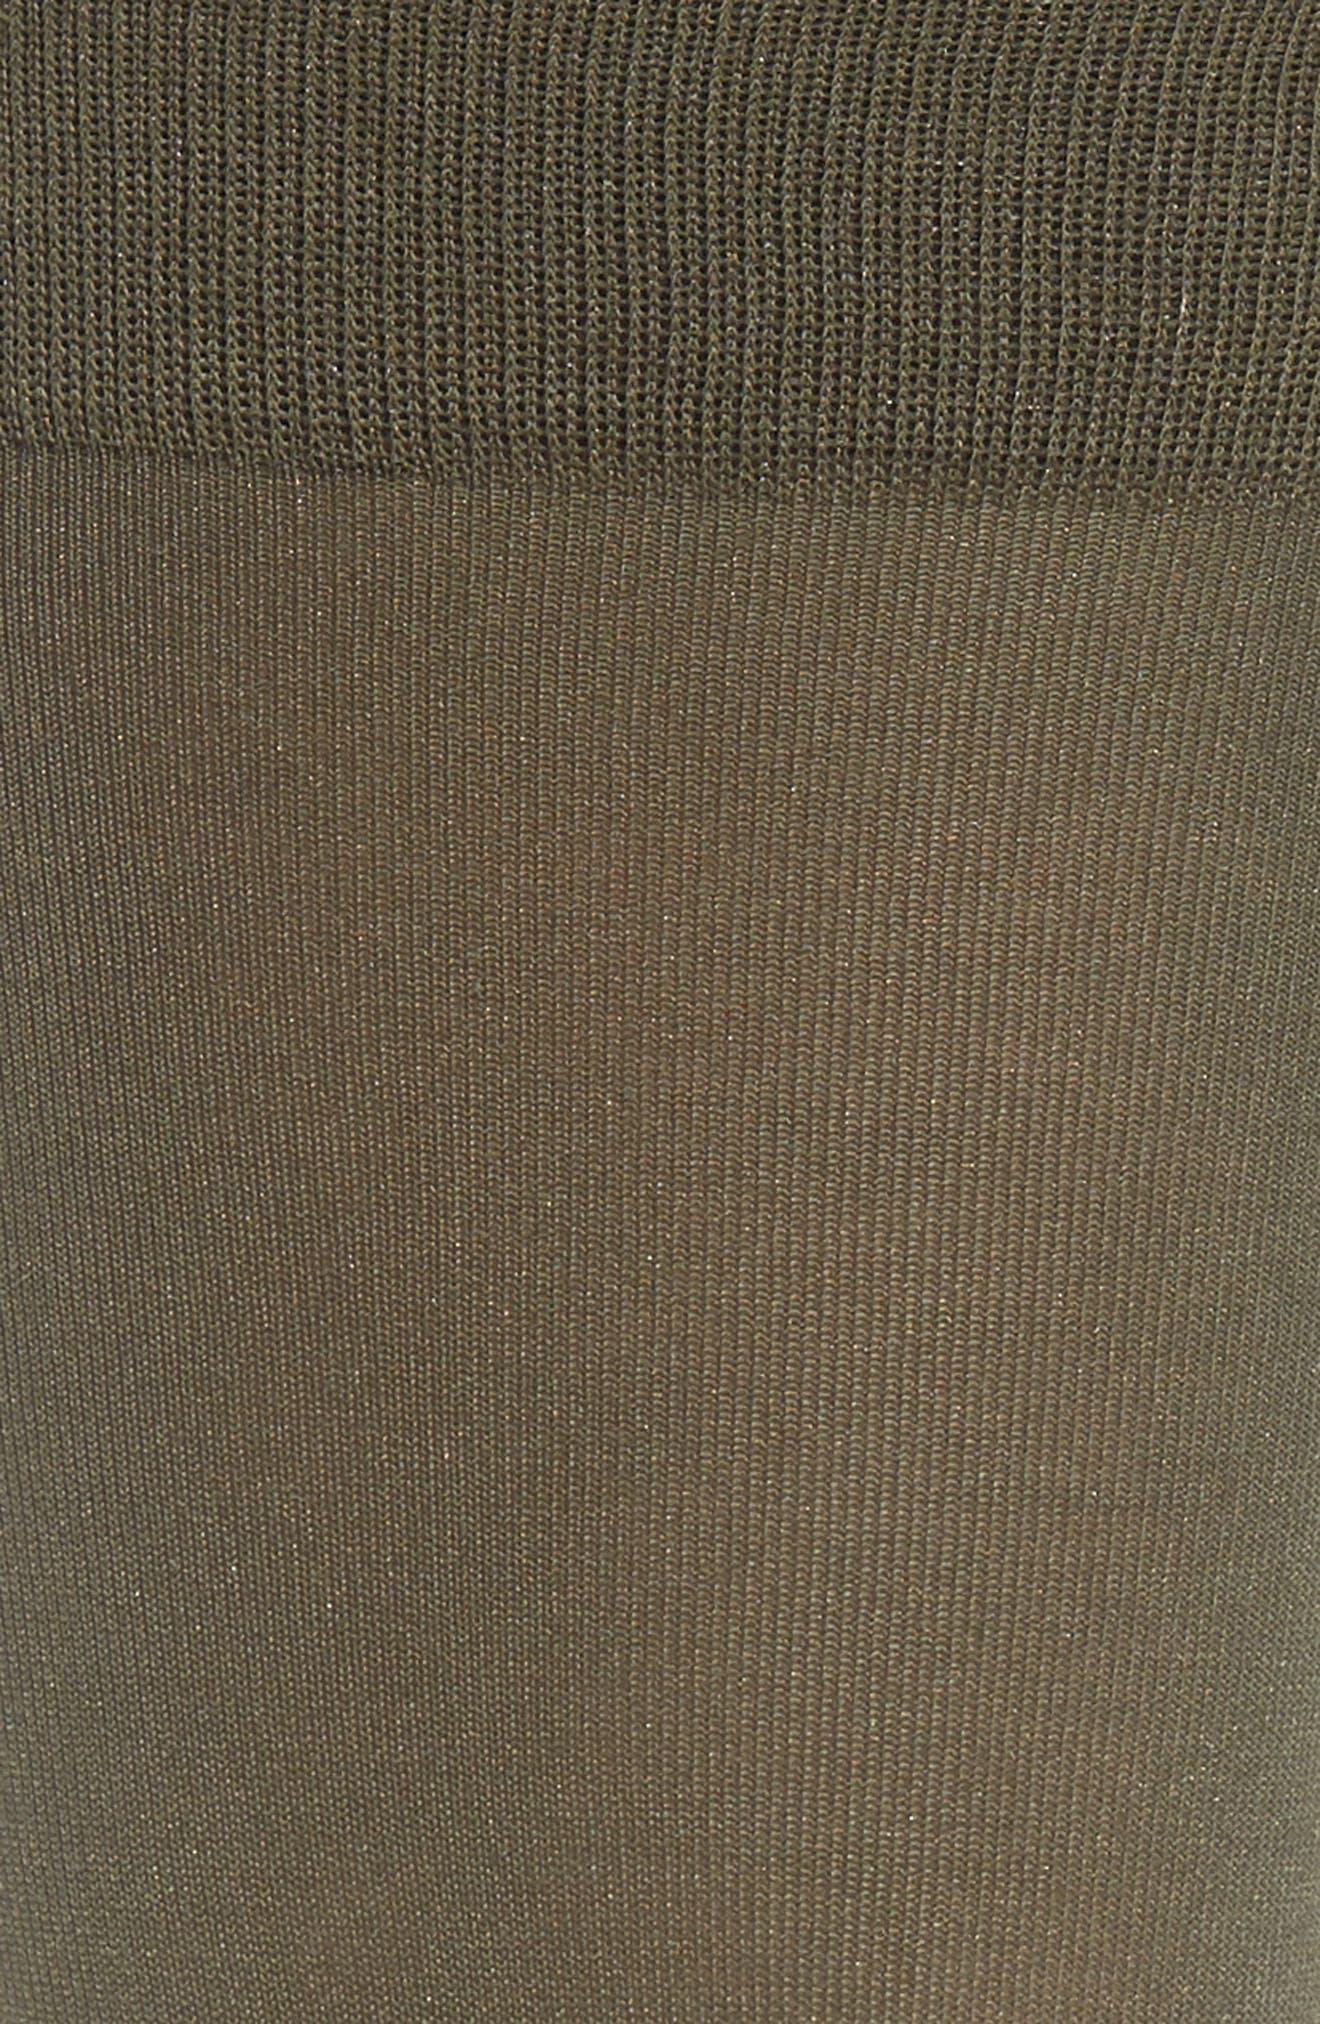 FALKE, Cotton Blend Trouser Socks, Alternate thumbnail 2, color, MILITARY